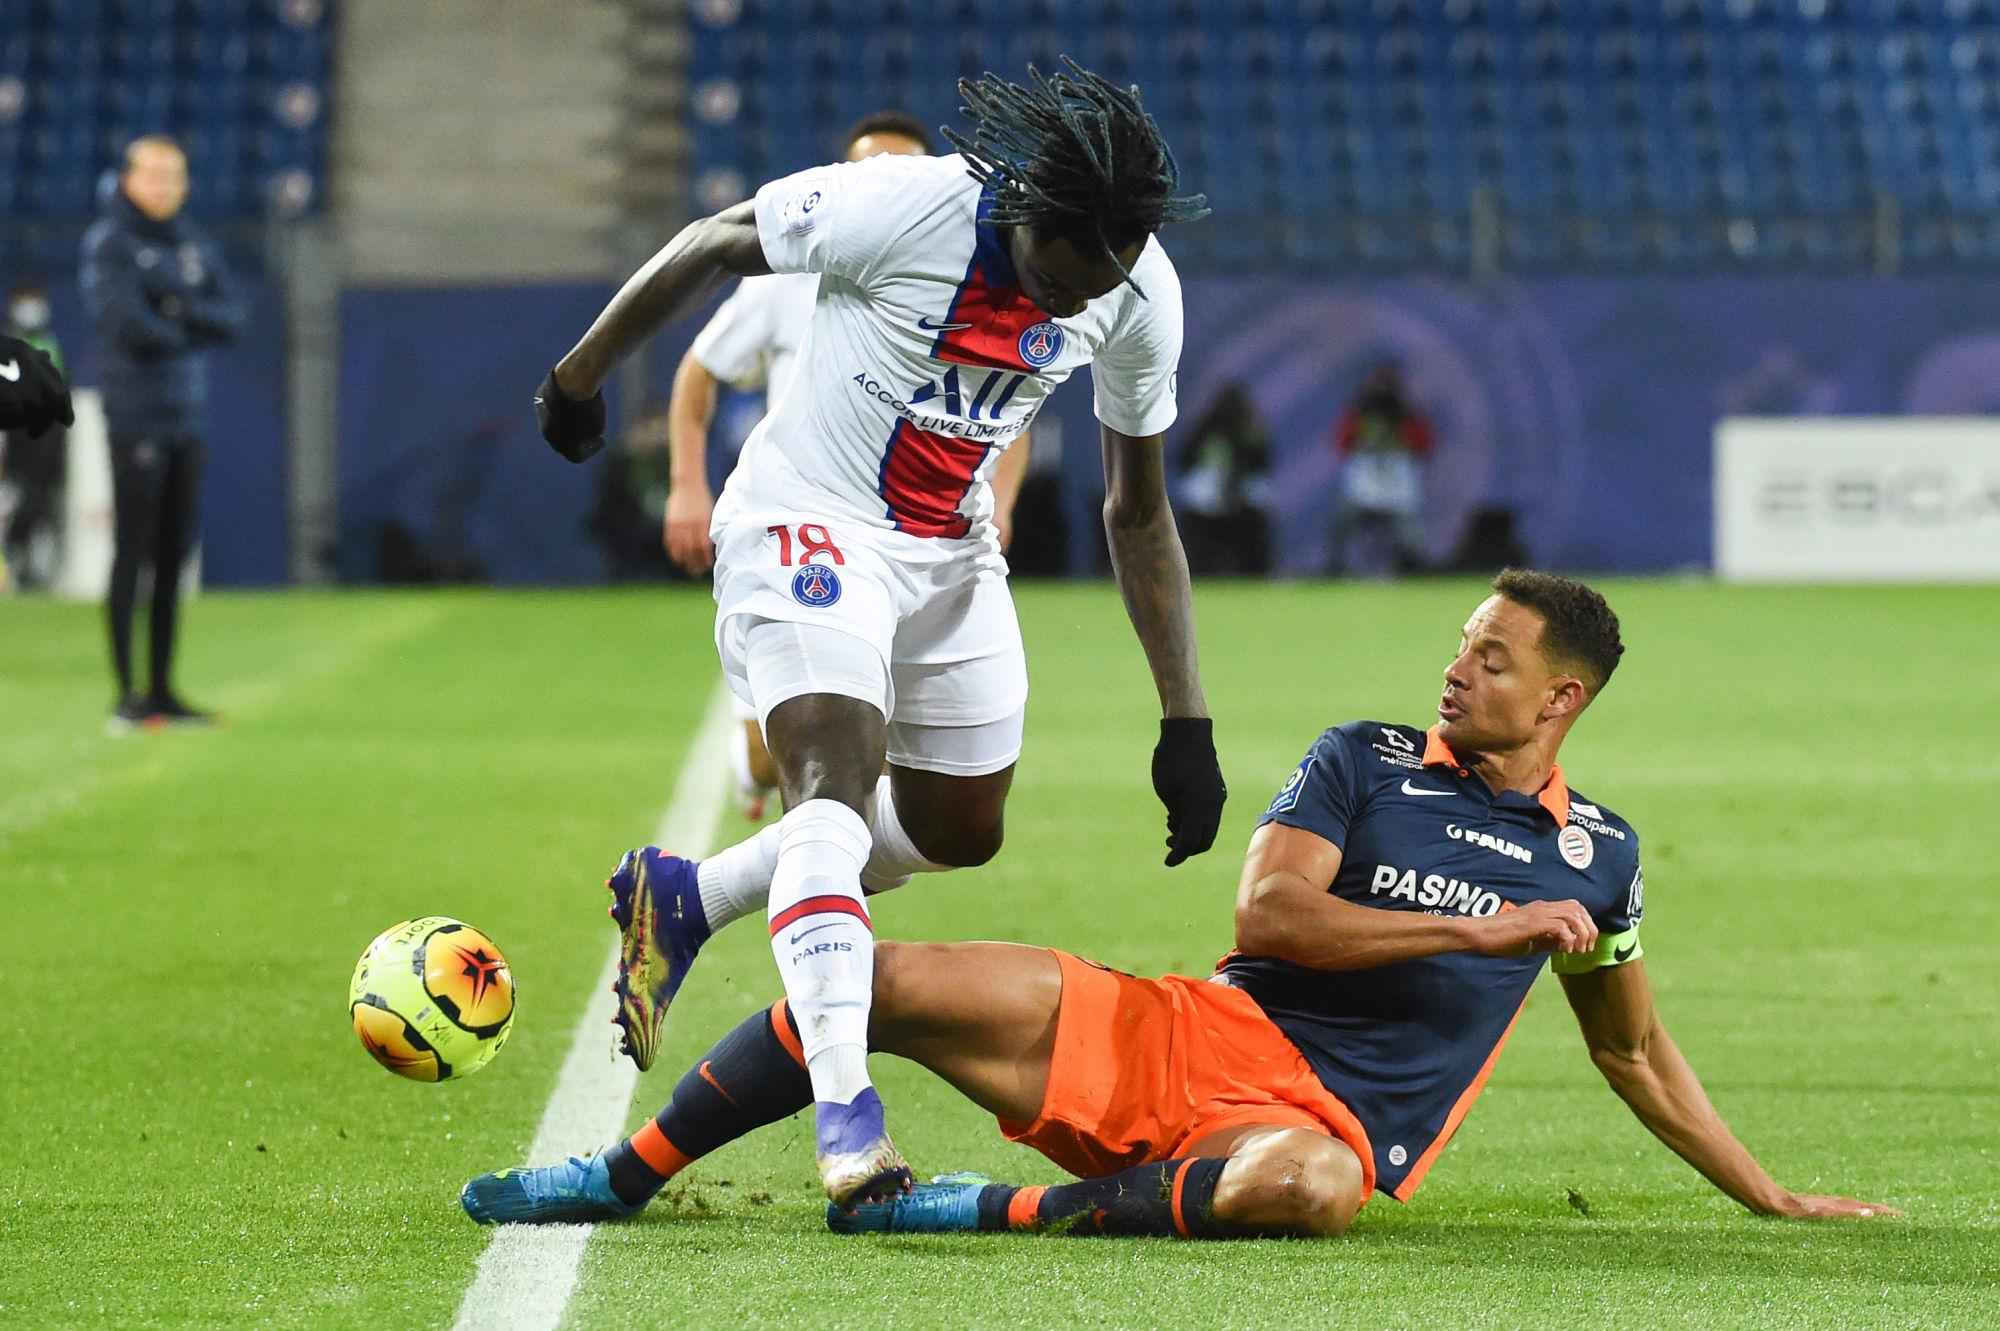 """Montpellier/PSG - Congré regrette les """"occasions"""" manquées, mais reconnait """"la maîtrise"""" parisienne"""